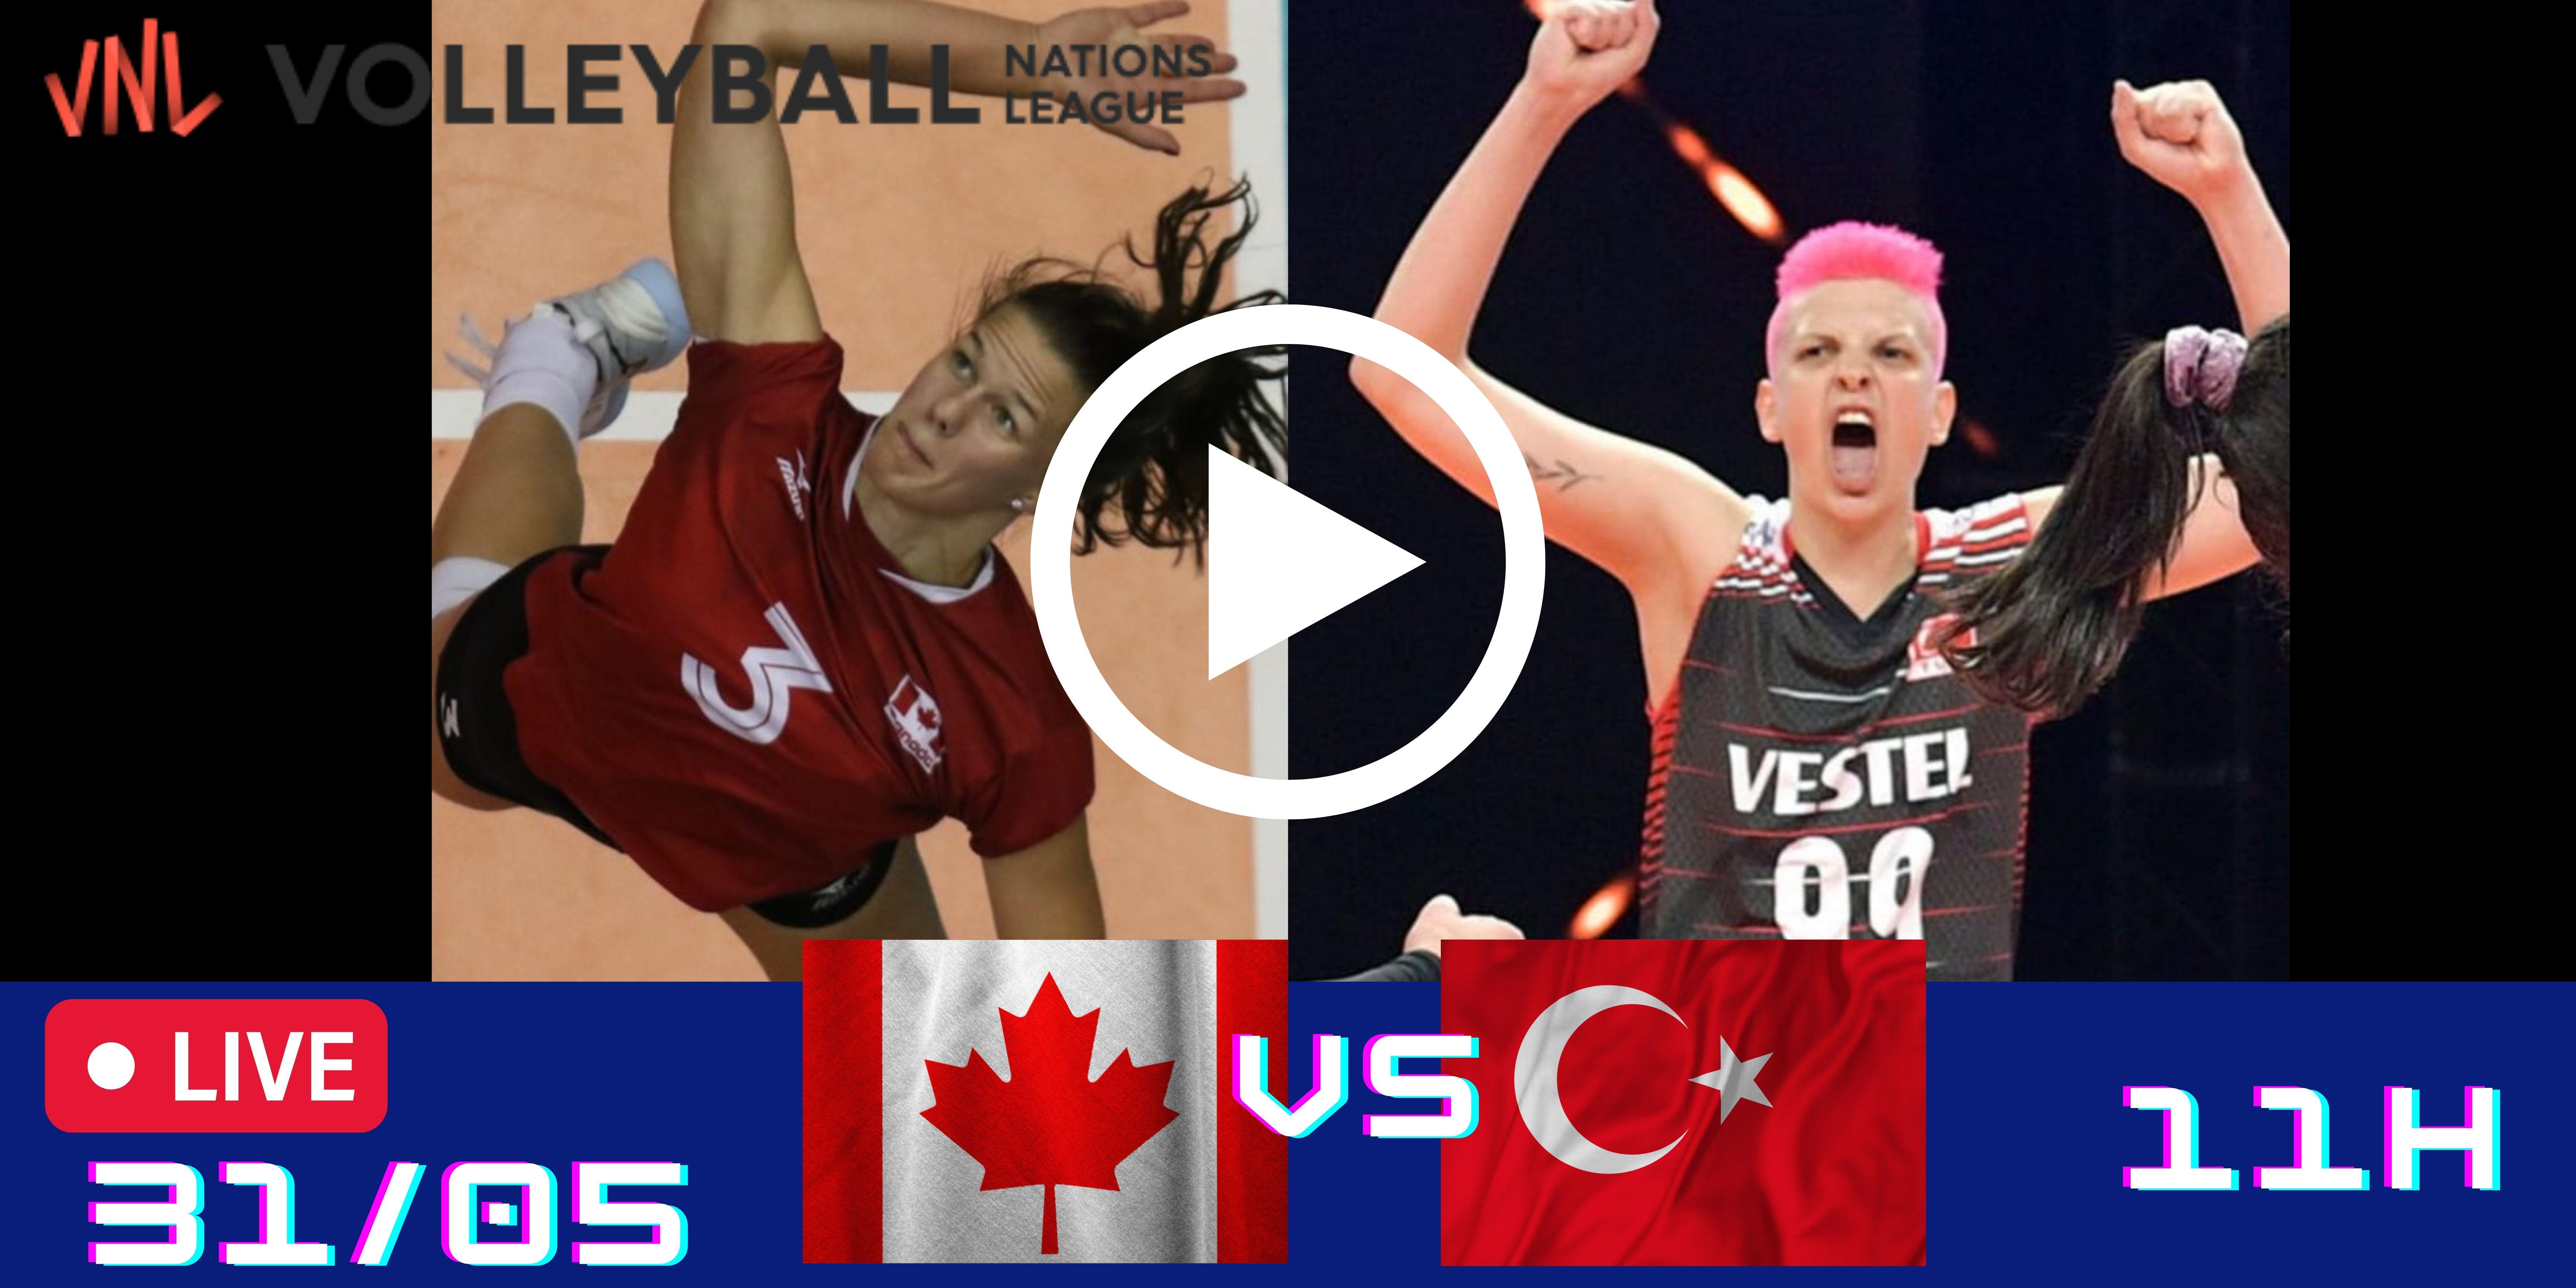 Resultado: Canadá vs Turquia – Liga das Nações – 31/05 – 11h